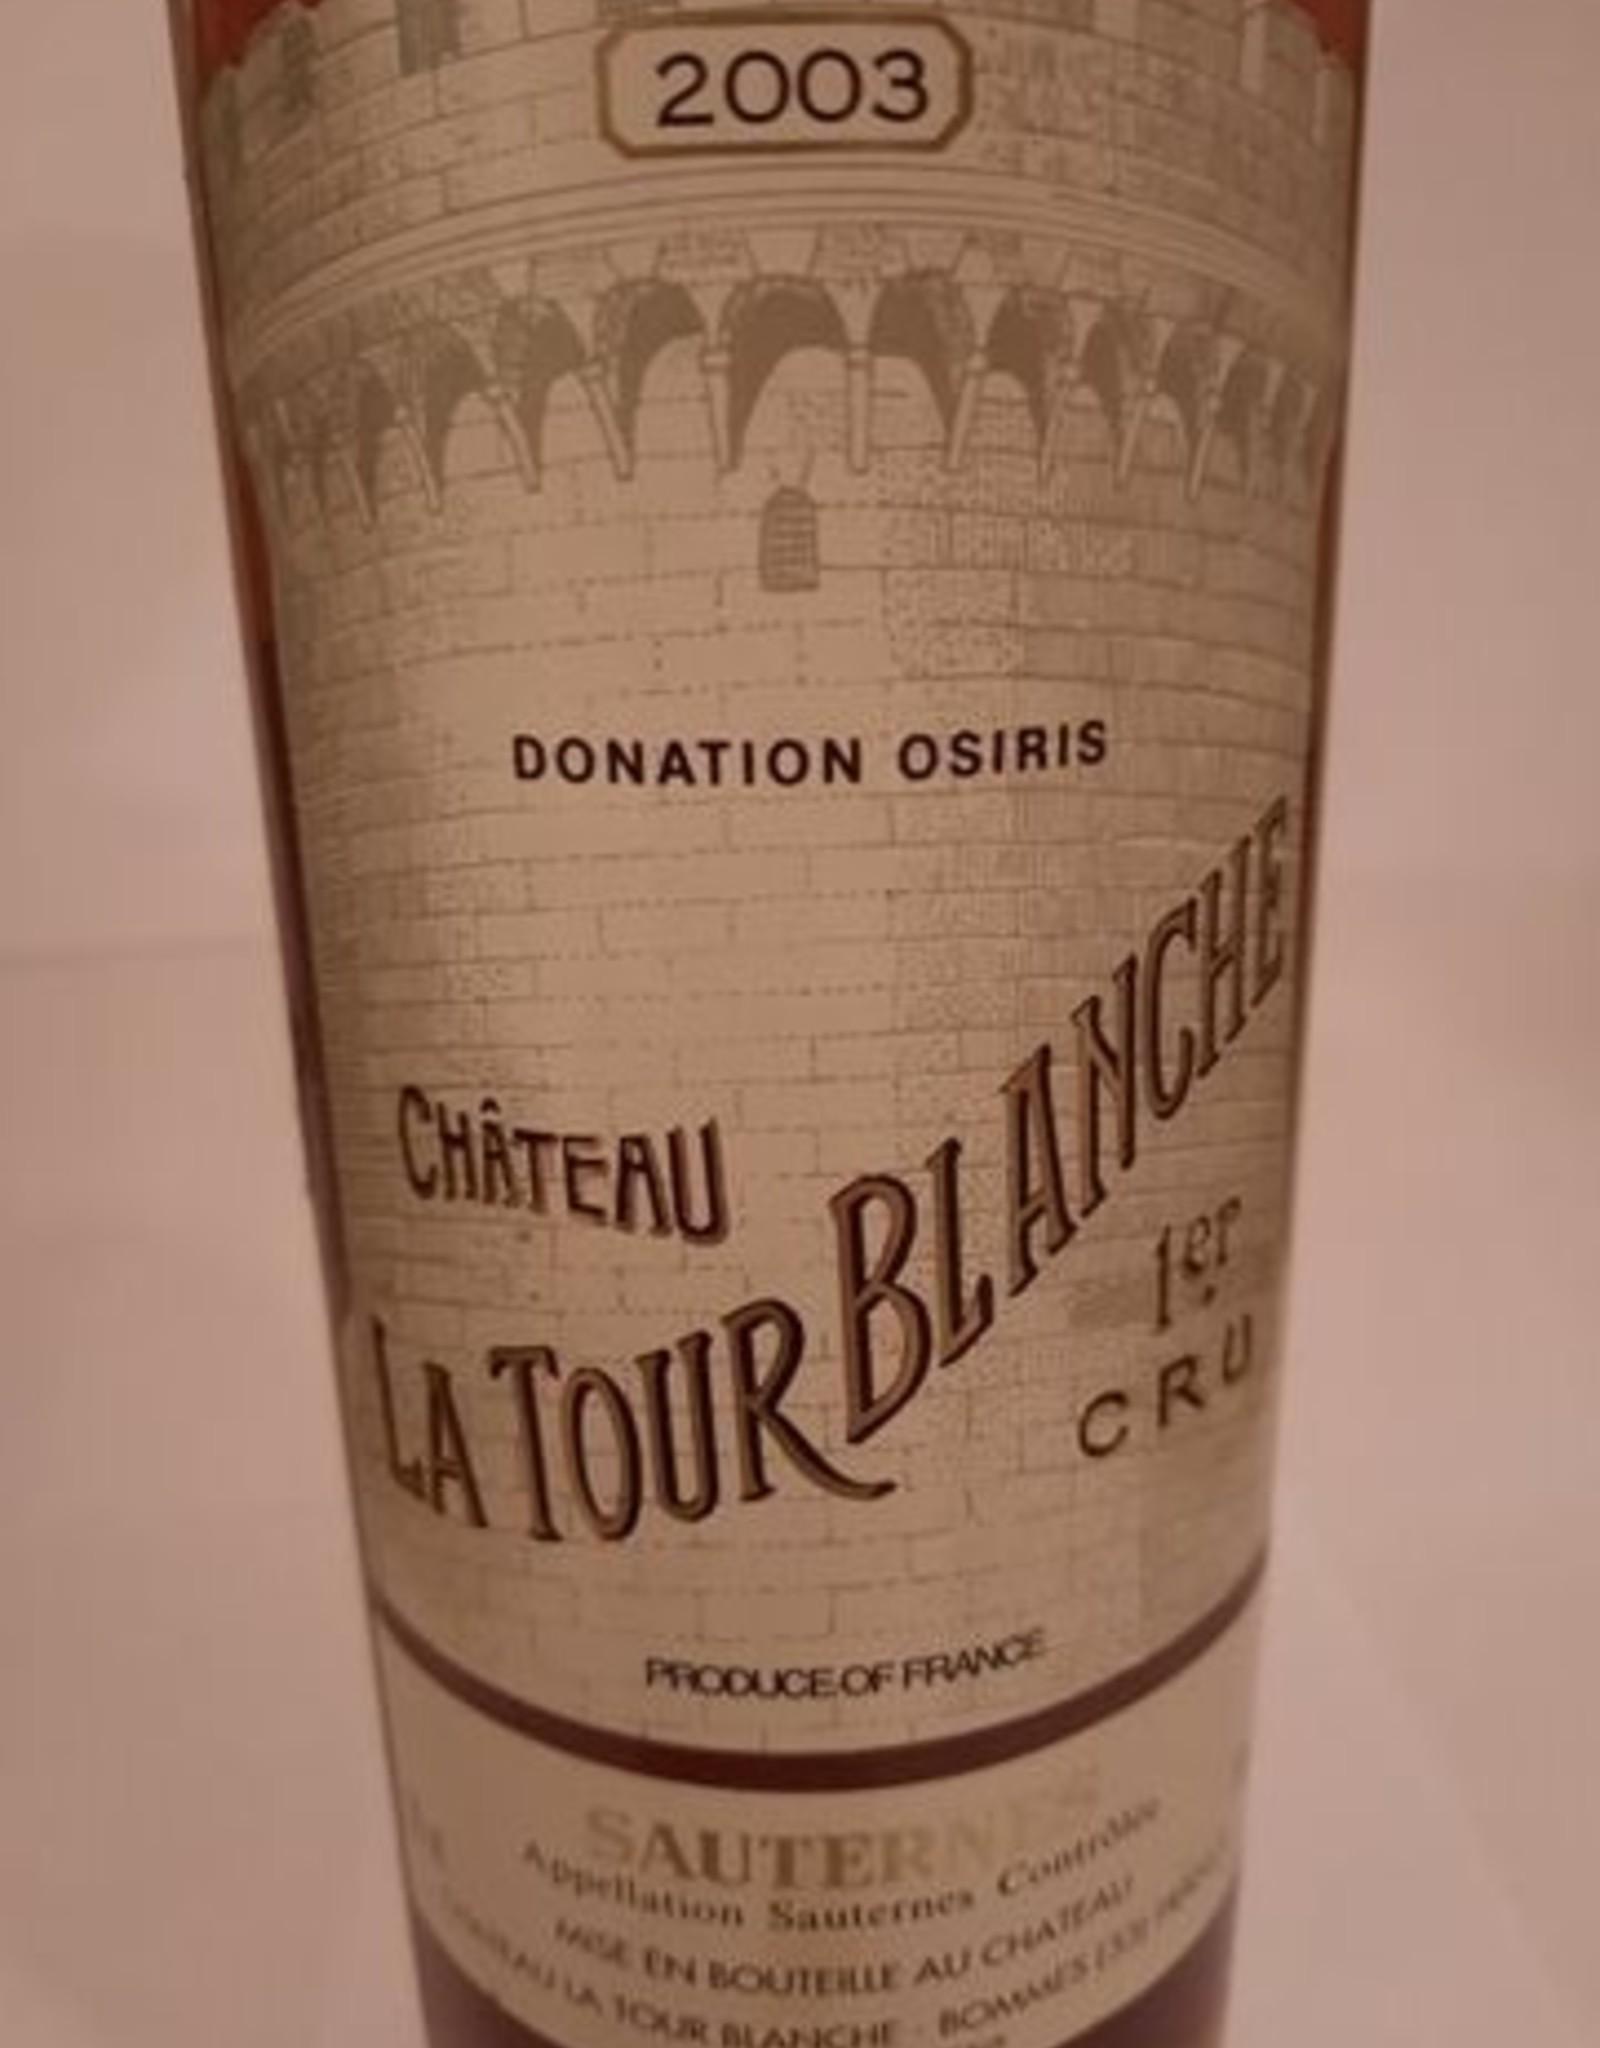 Ch Latour Blanche 2003 Sauterne